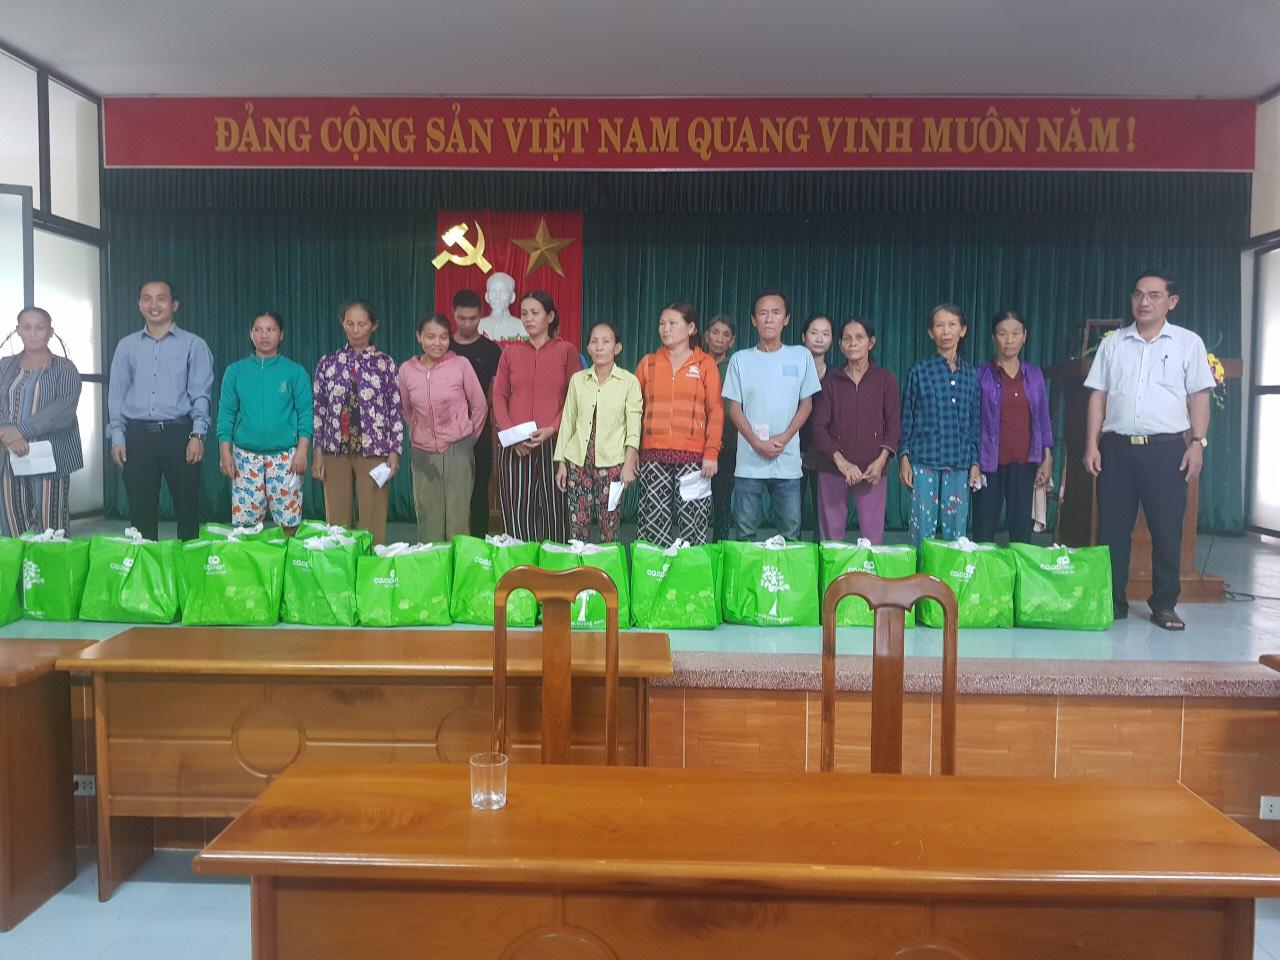 Quảng Nam: Tam Kỳ trao hàng trăm suất quà đến với người nghèo, gia đình chính sách - Ảnh 2.